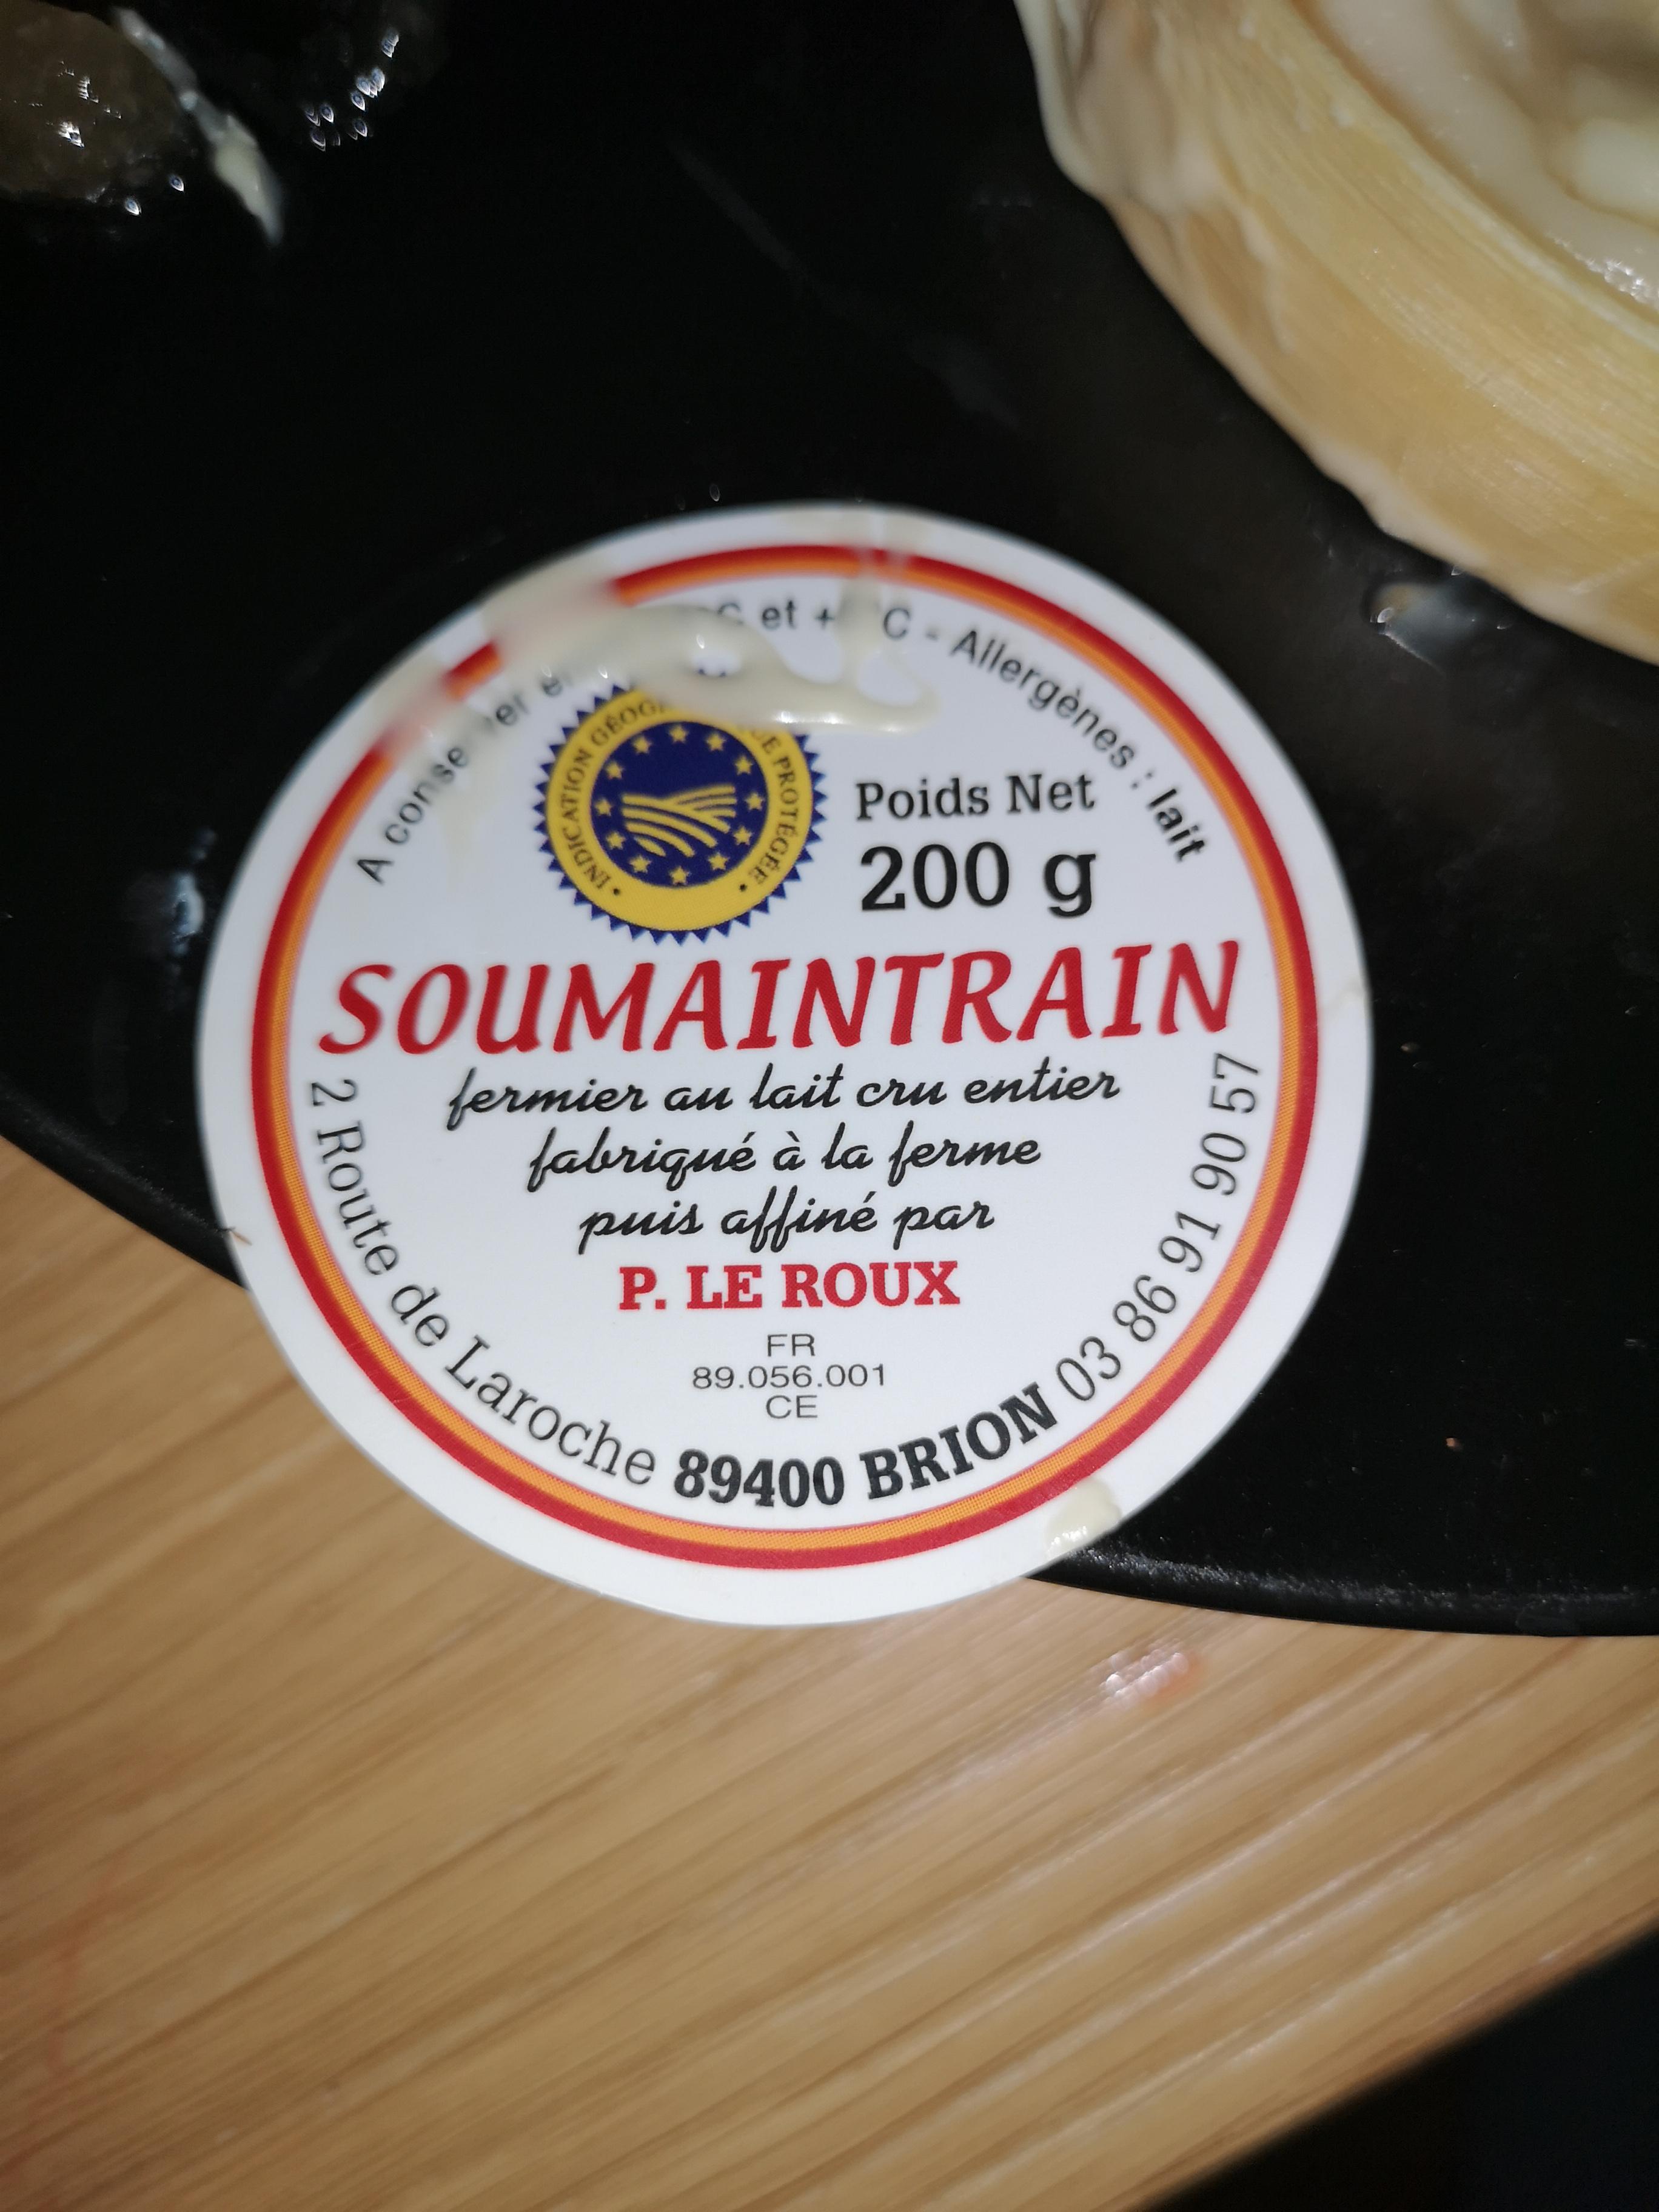 P. le Roux Soumaintrain